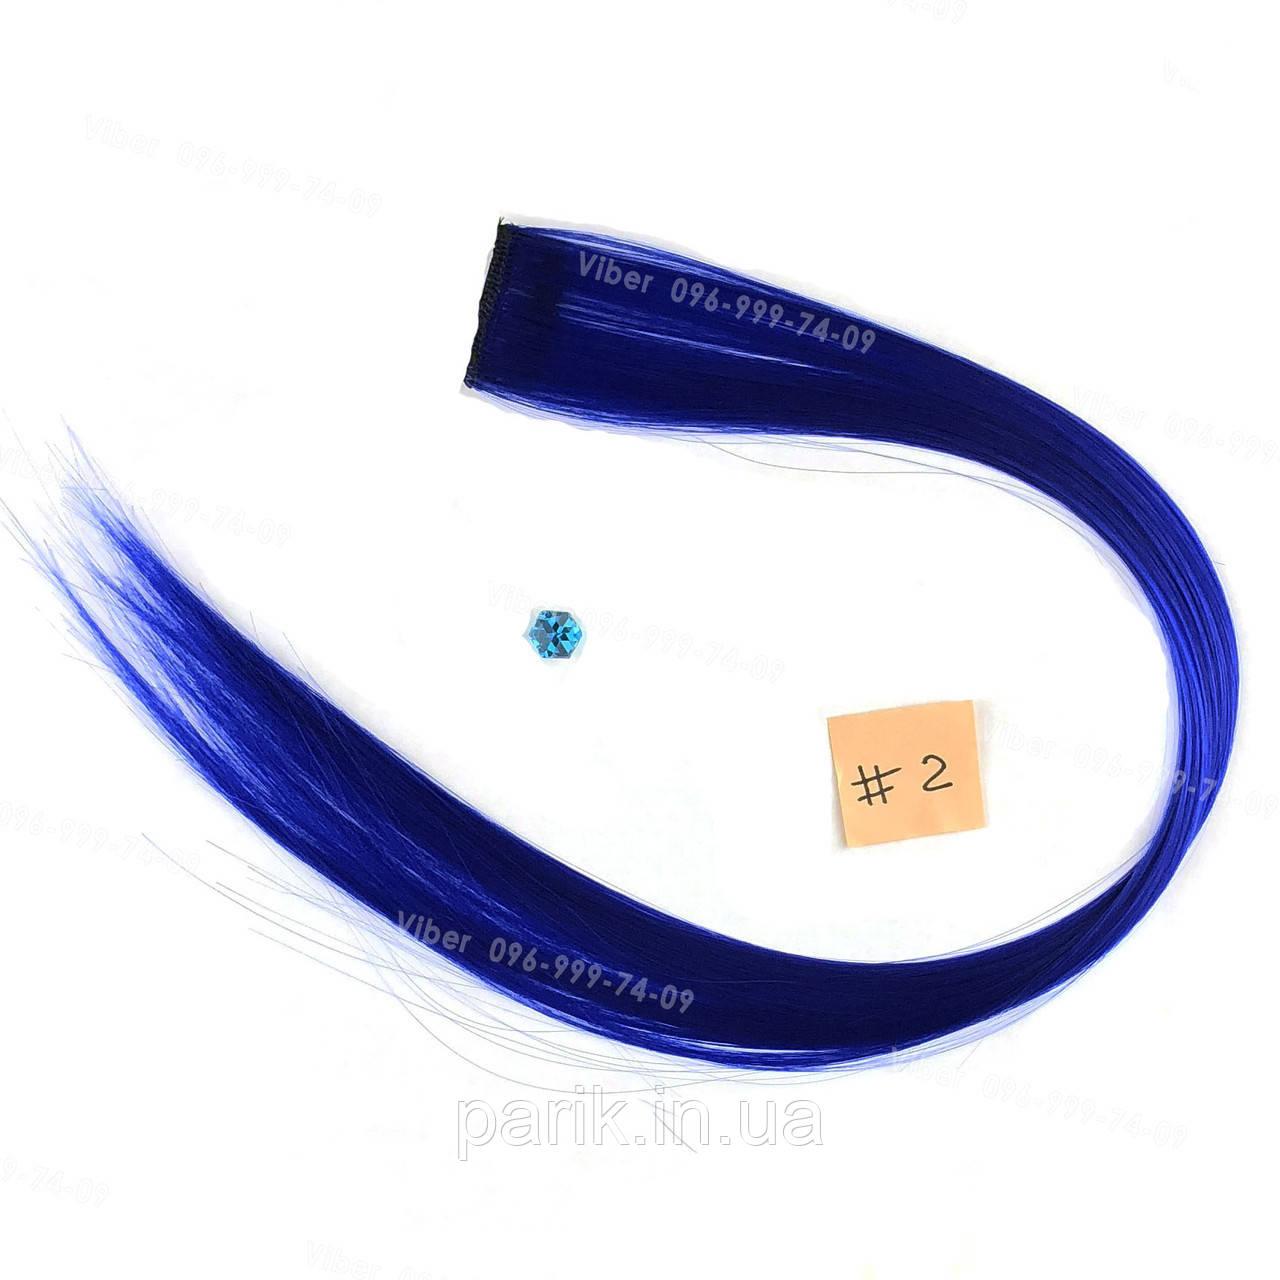 Синие волосы для самостоятельного крепления на свои волосы